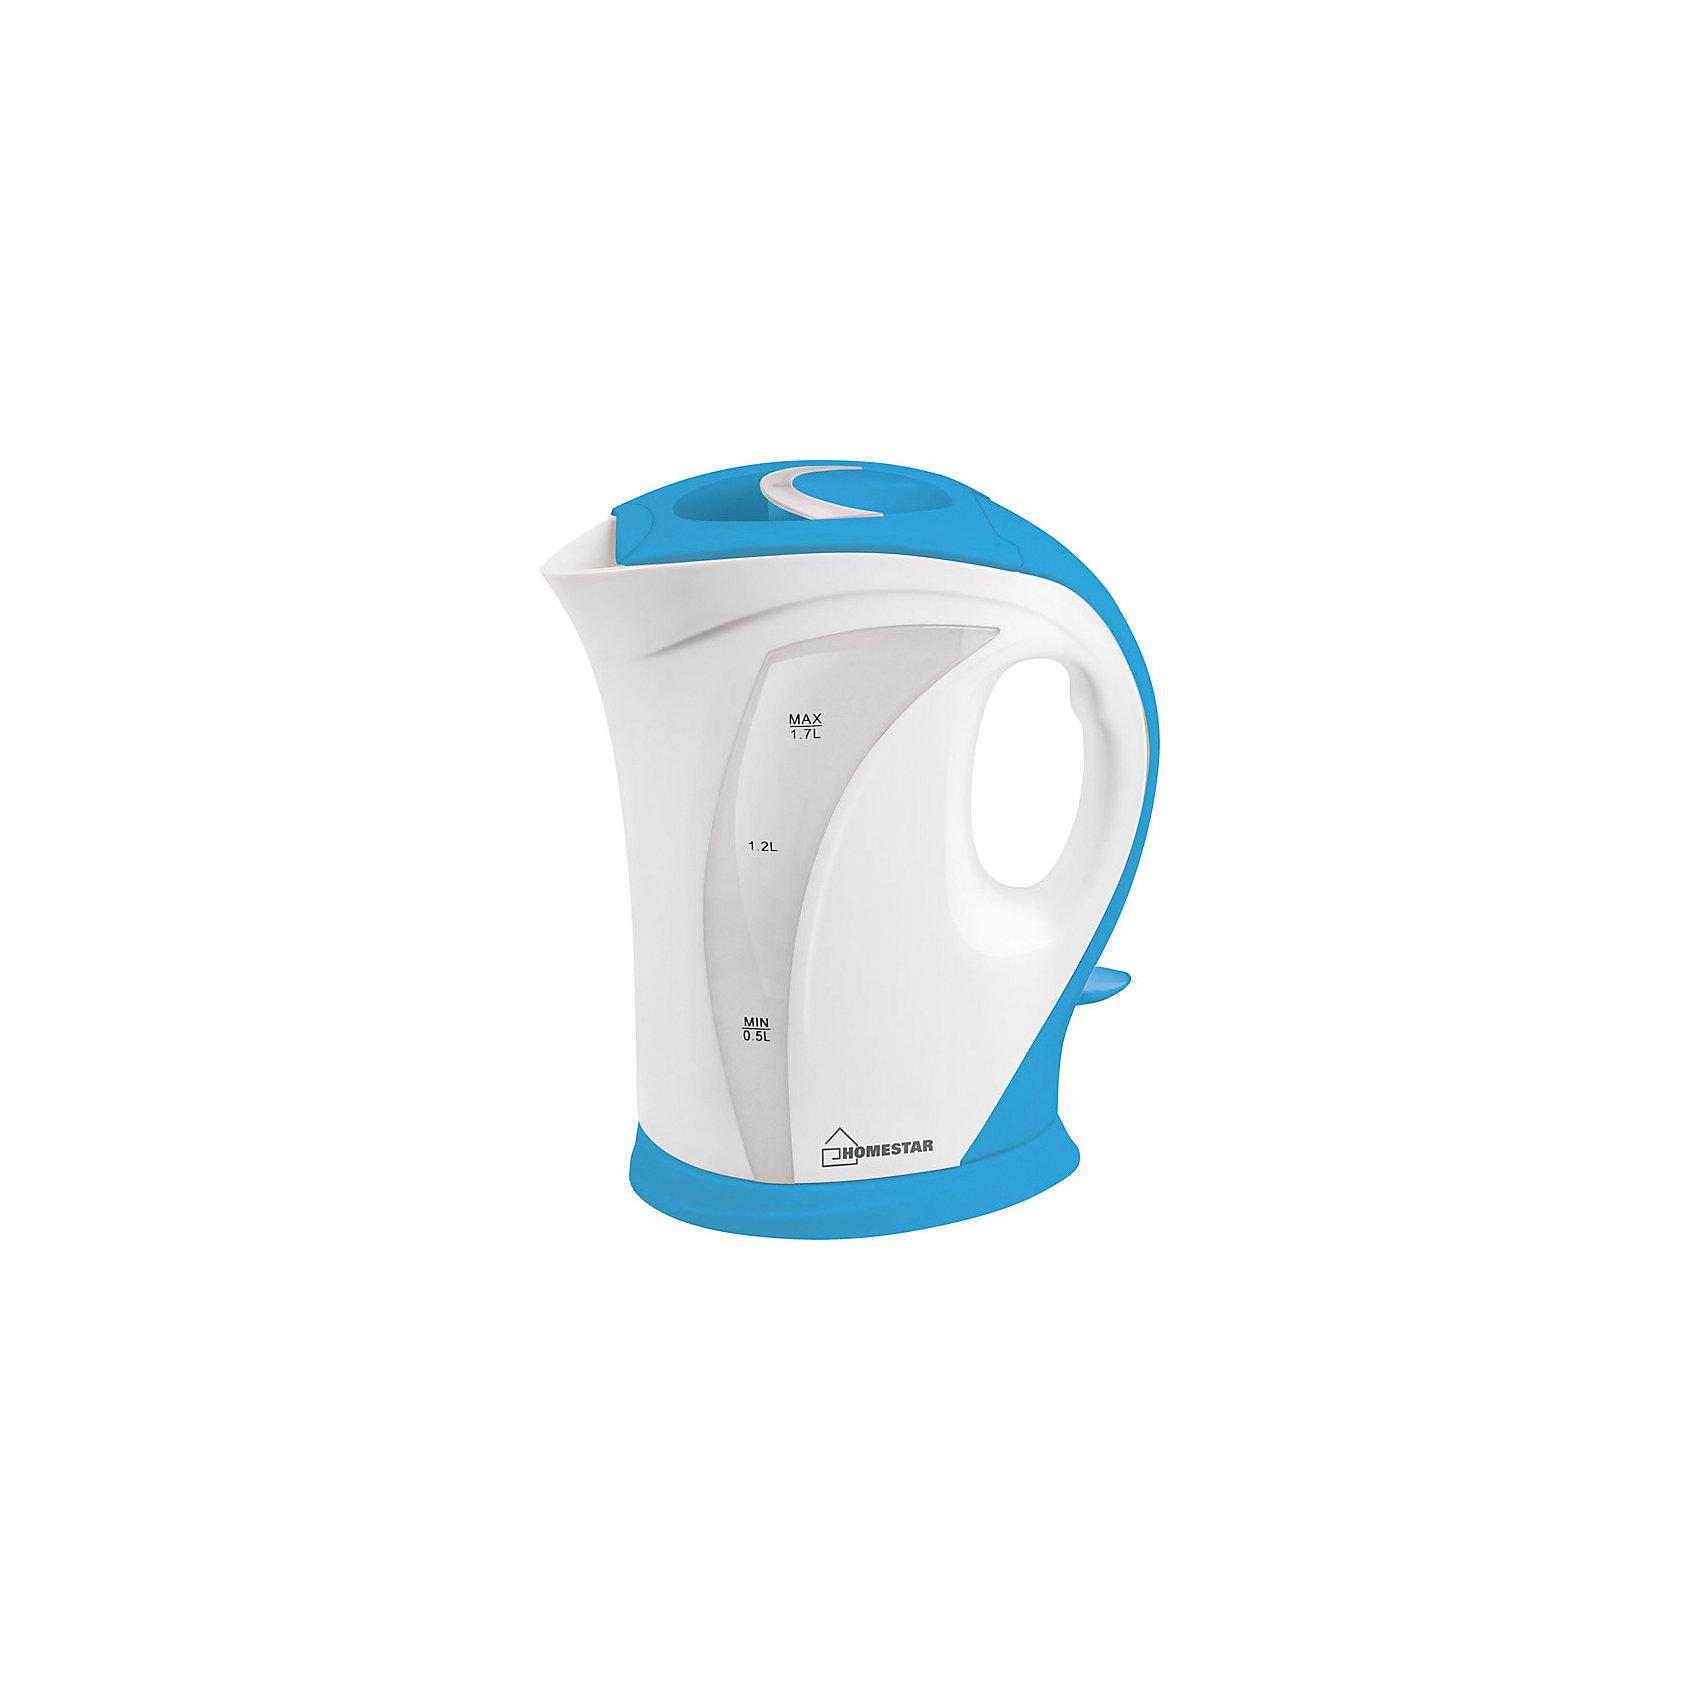 Чайник HS-1006 (1,7 л), HomeStar, бело-голубойБытовая техника для кухни<br>Электрический чайник Energy дает возможность быстро вскипятить воду. Чайник оборудован открытым нагревательным элементом из нержавеющей стали, есть функция автоотключения при закипании. Предусмотрена защита от работы без воды. Шкала уровня воды находится на внешней стороне чайника на прозрачном окошке.<br><br>Дополнительная информация:<br><br>Размер чайника: 24,5х19,5х13,6 см<br>Объем чайника: 1,7 л<br><br>Материал корпуса: пластик<br>Нагревательный элемент: нержавеющая сталь<br><br>Мощность: 1850-2200Вт<br>Напряжение: 220-240В, 50/60Гц<br> <br>Чайник HS-1006 (1,7 л), HomeStar, бело-голубой можно купить в нашем интернет-магазине.<br><br>Ширина мм: 200<br>Глубина мм: 140<br>Высота мм: 250<br>Вес г: 868<br>Возраст от месяцев: 216<br>Возраст до месяцев: 1080<br>Пол: Унисекс<br>Возраст: Детский<br>SKU: 4989894